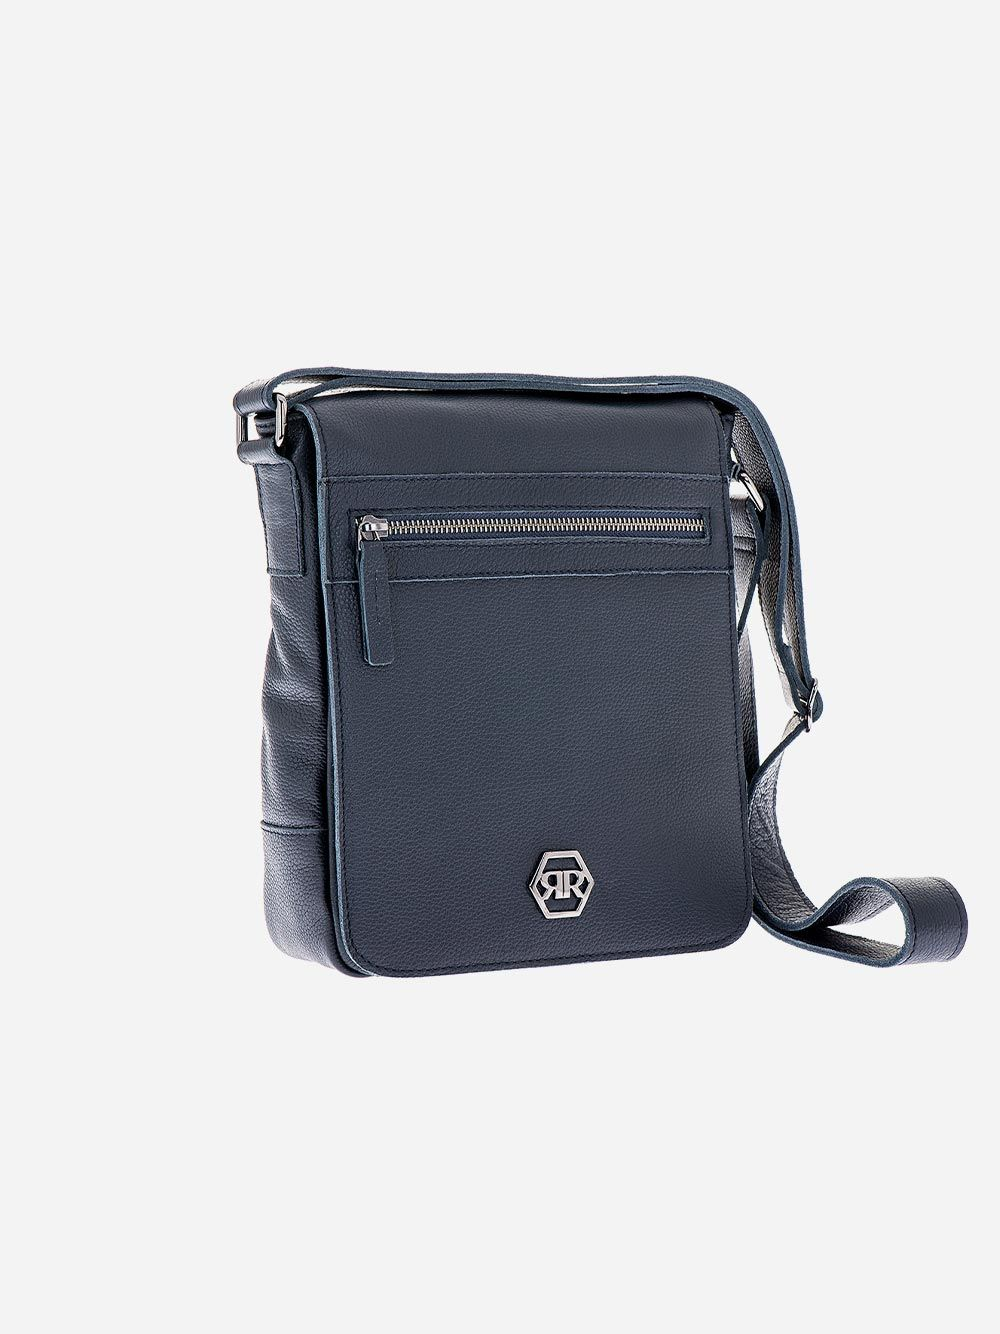 Blue Crossbody Bag | Rufel